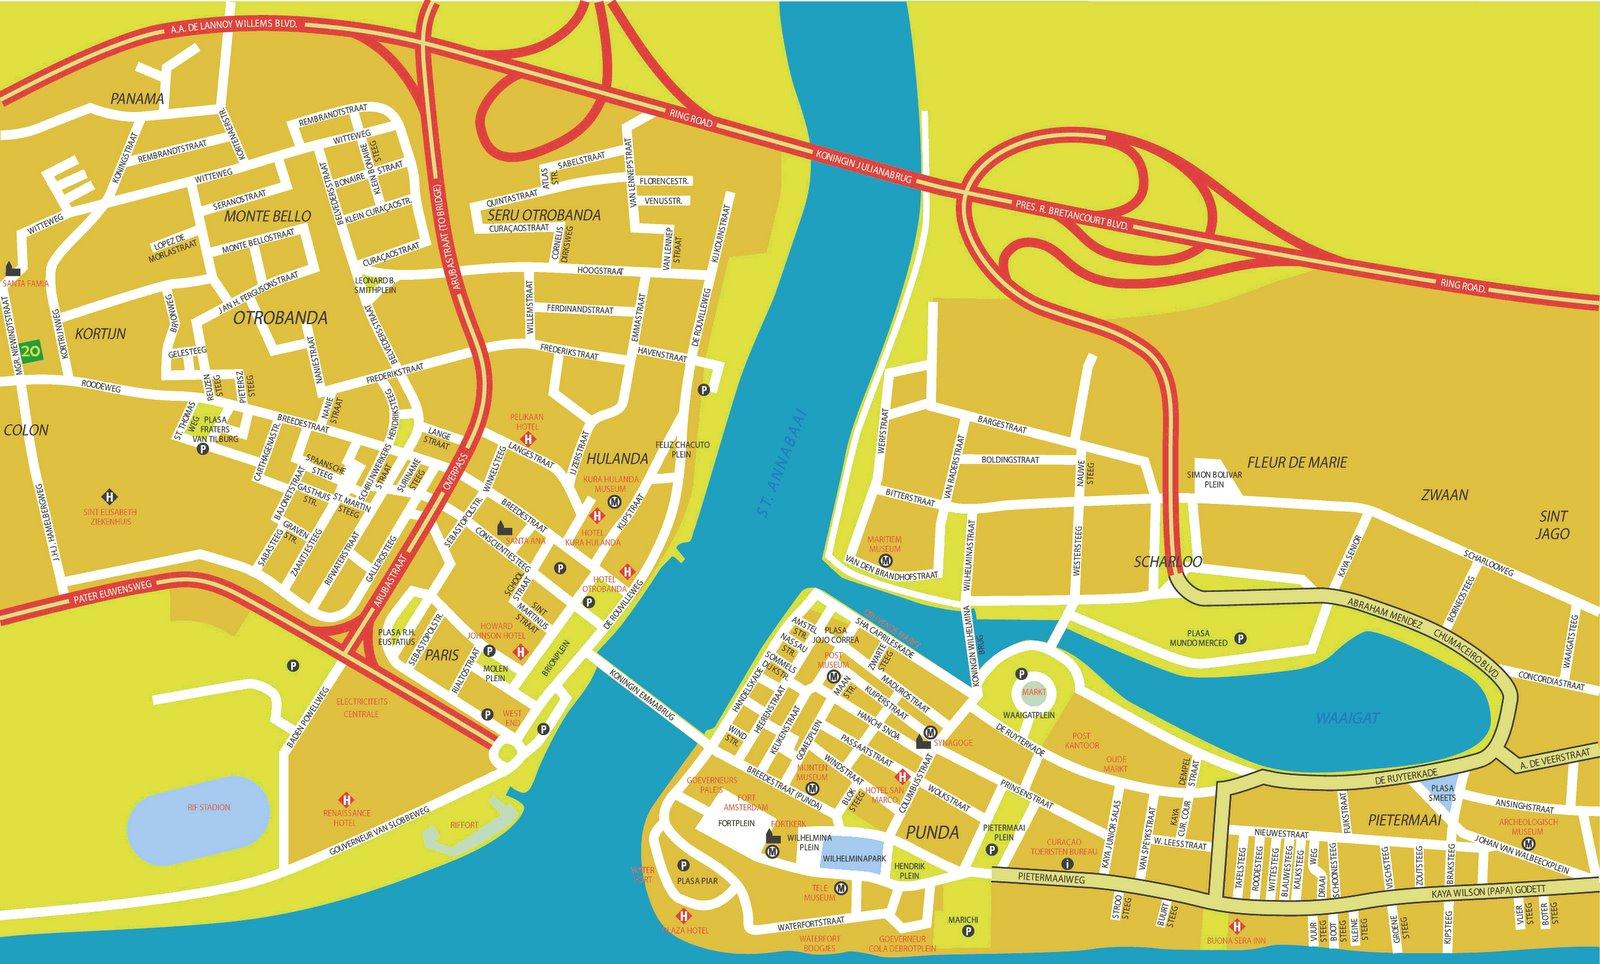 Portinfo: Willemstad/Curacao - Kleine Antillen - Karibik A ...